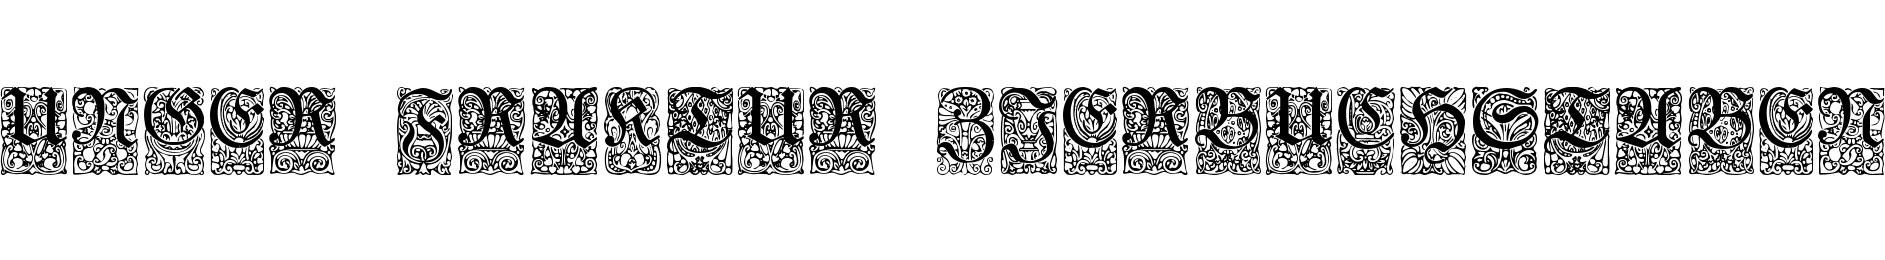 Unger-Fraktur Zierbuchstaben